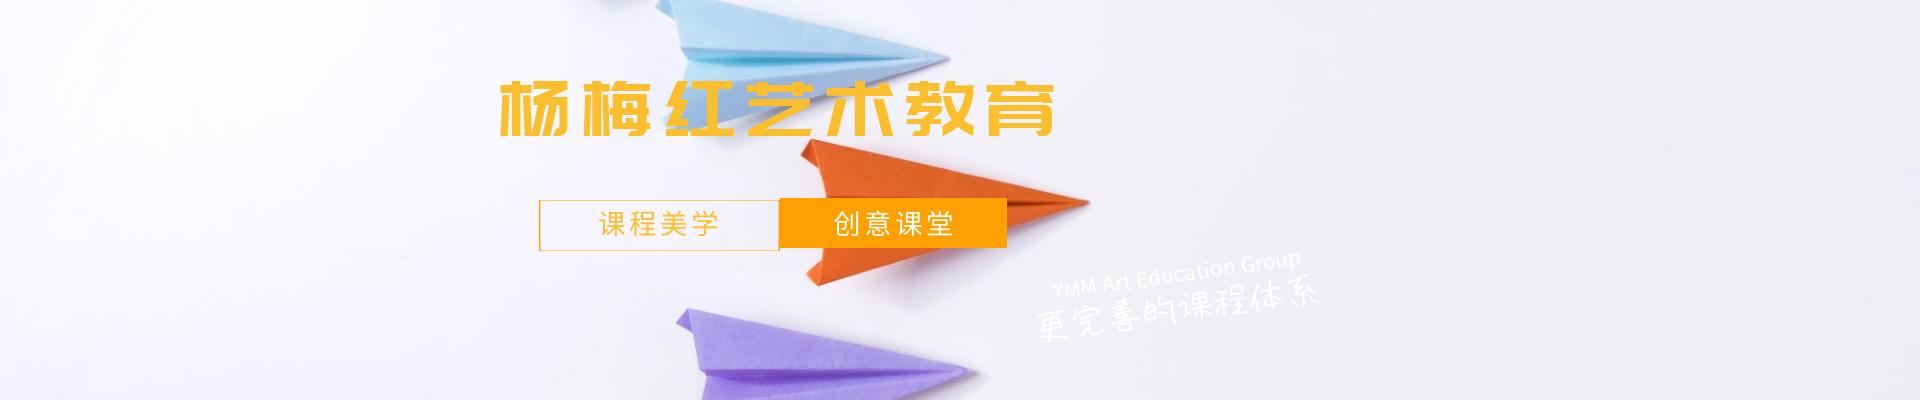 西安曲江芙蓉新天地杨梅红国际私立美校